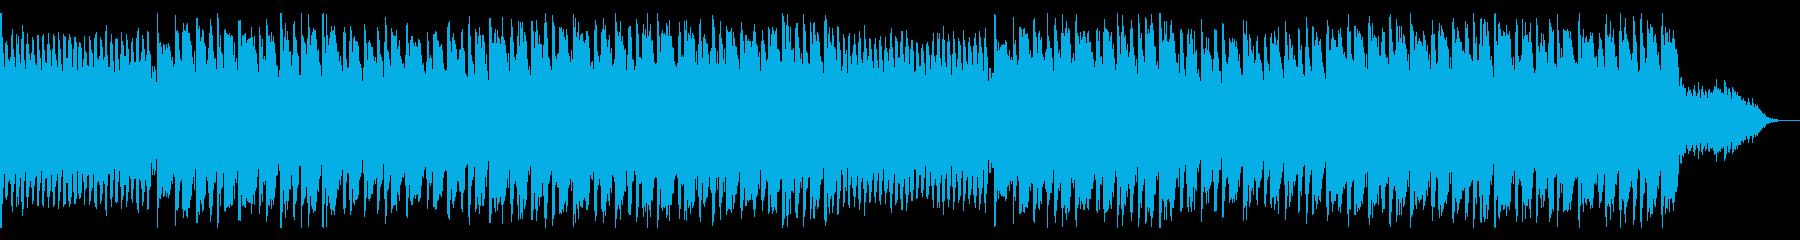 激しく美しいテクスチャーの再生済みの波形